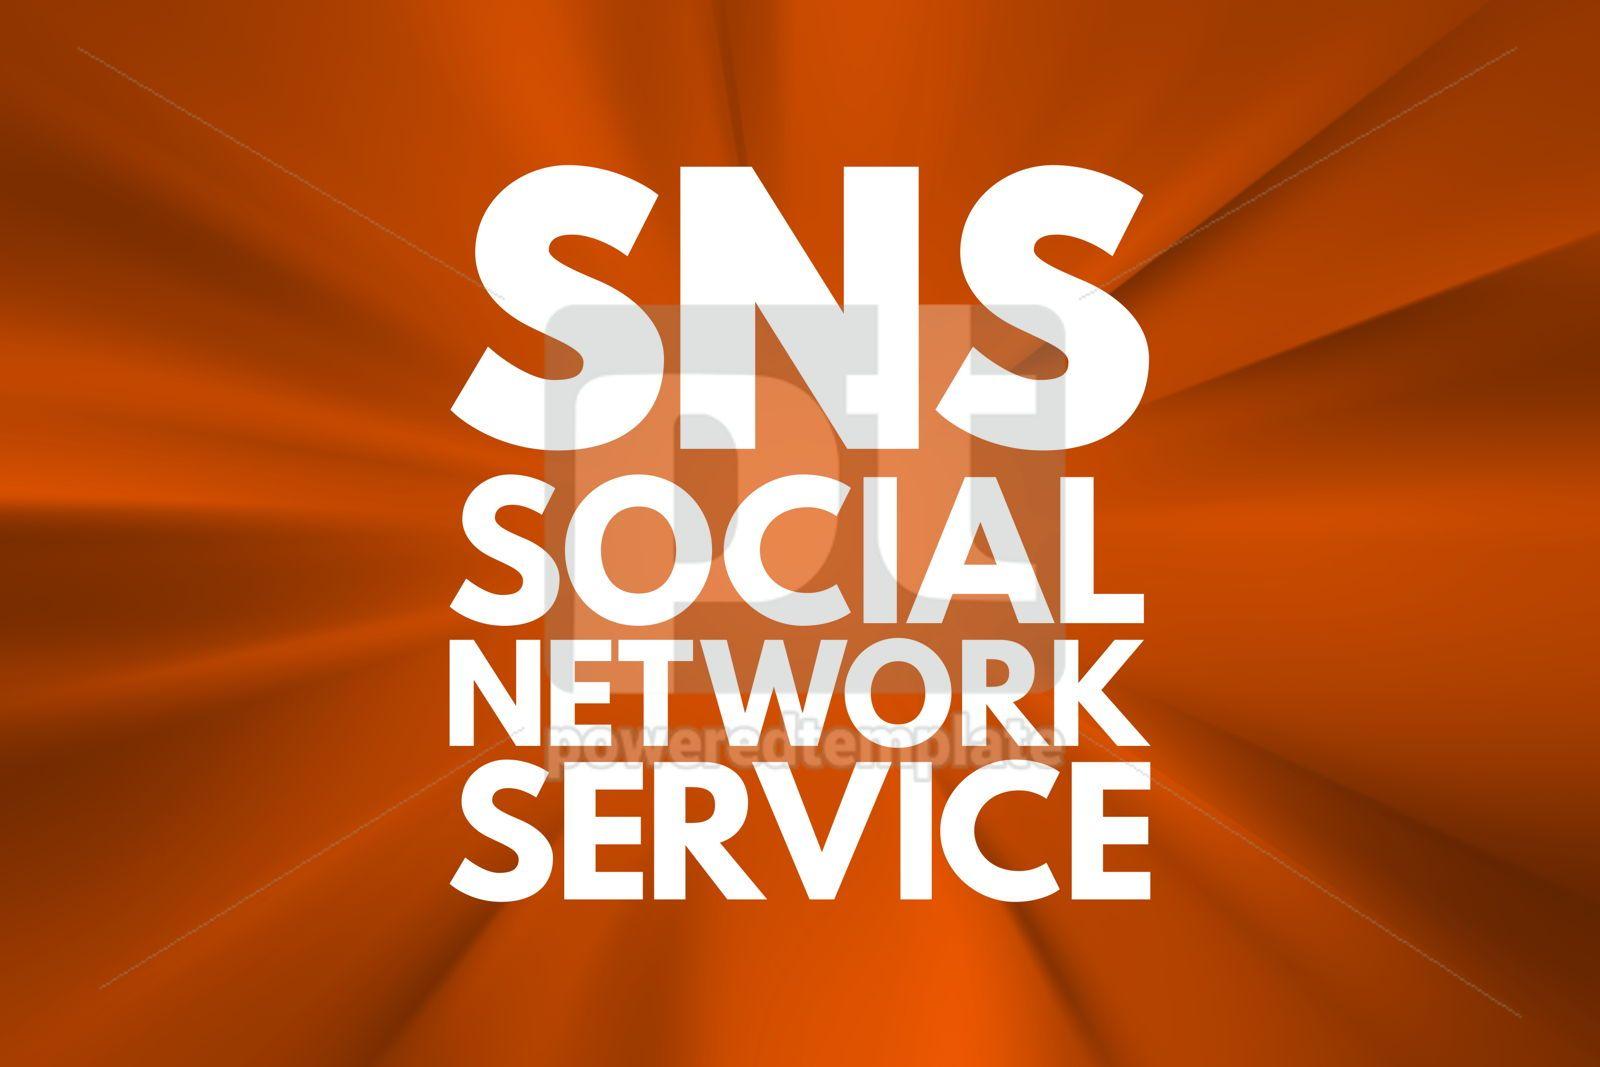 SNS - Social Network Service acronym concept background, 16566, Business — PoweredTemplate.com